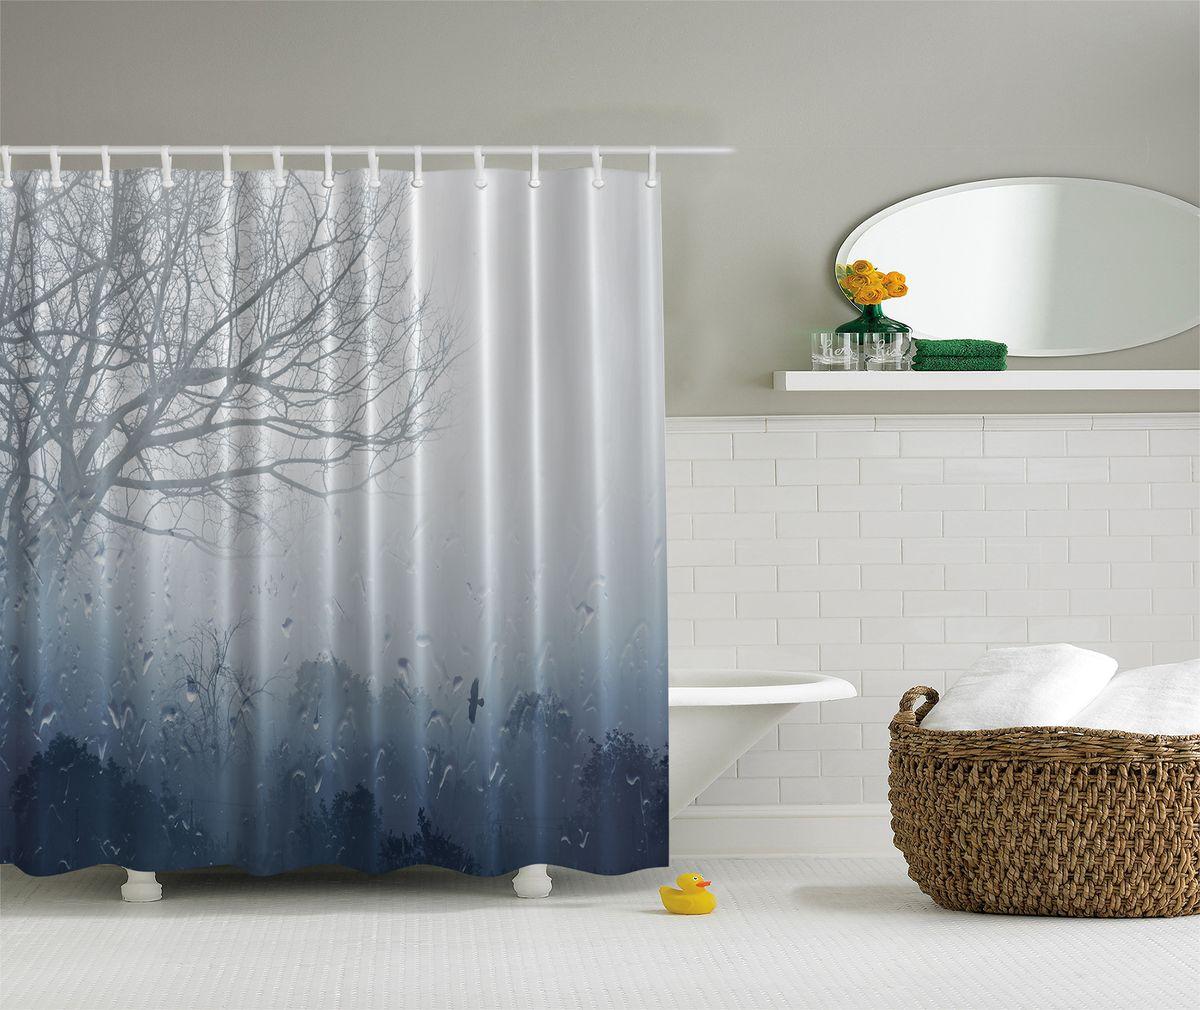 Штора для ванной комнаты Magic Lady Дождливый вечер и туман, 180 х 200 смшв_4535Штора Magic Lady Дождливый вечер и туман, изготовленная из высококачественного сатена (полиэстер 100%), отлично дополнит любой интерьер ванной комнаты. При изготовлении используются специальные гипоаллергенные чернила для прямой печати по ткани, безопасные для человека.В комплекте: 1 штора, 12 крючков. Обращаем ваше внимание, фактический цвет изделия может незначительно отличаться от представленного на фото.